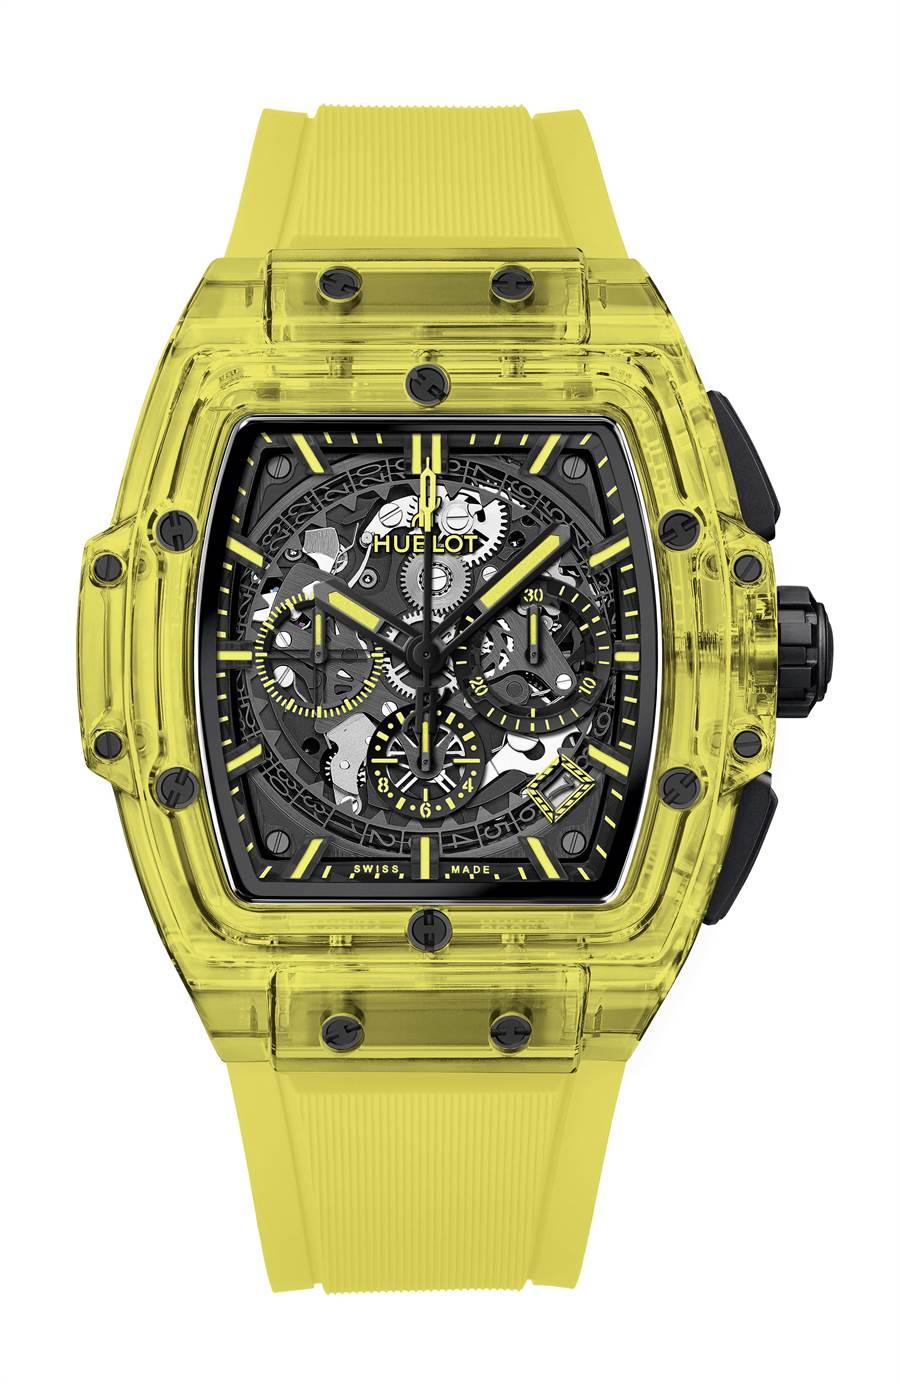 宇舶表全球首只SPIRIT OF BIG BANG 黃色藍寶石計時碼表,限量100只,327萬元。(HUBLOT提供)